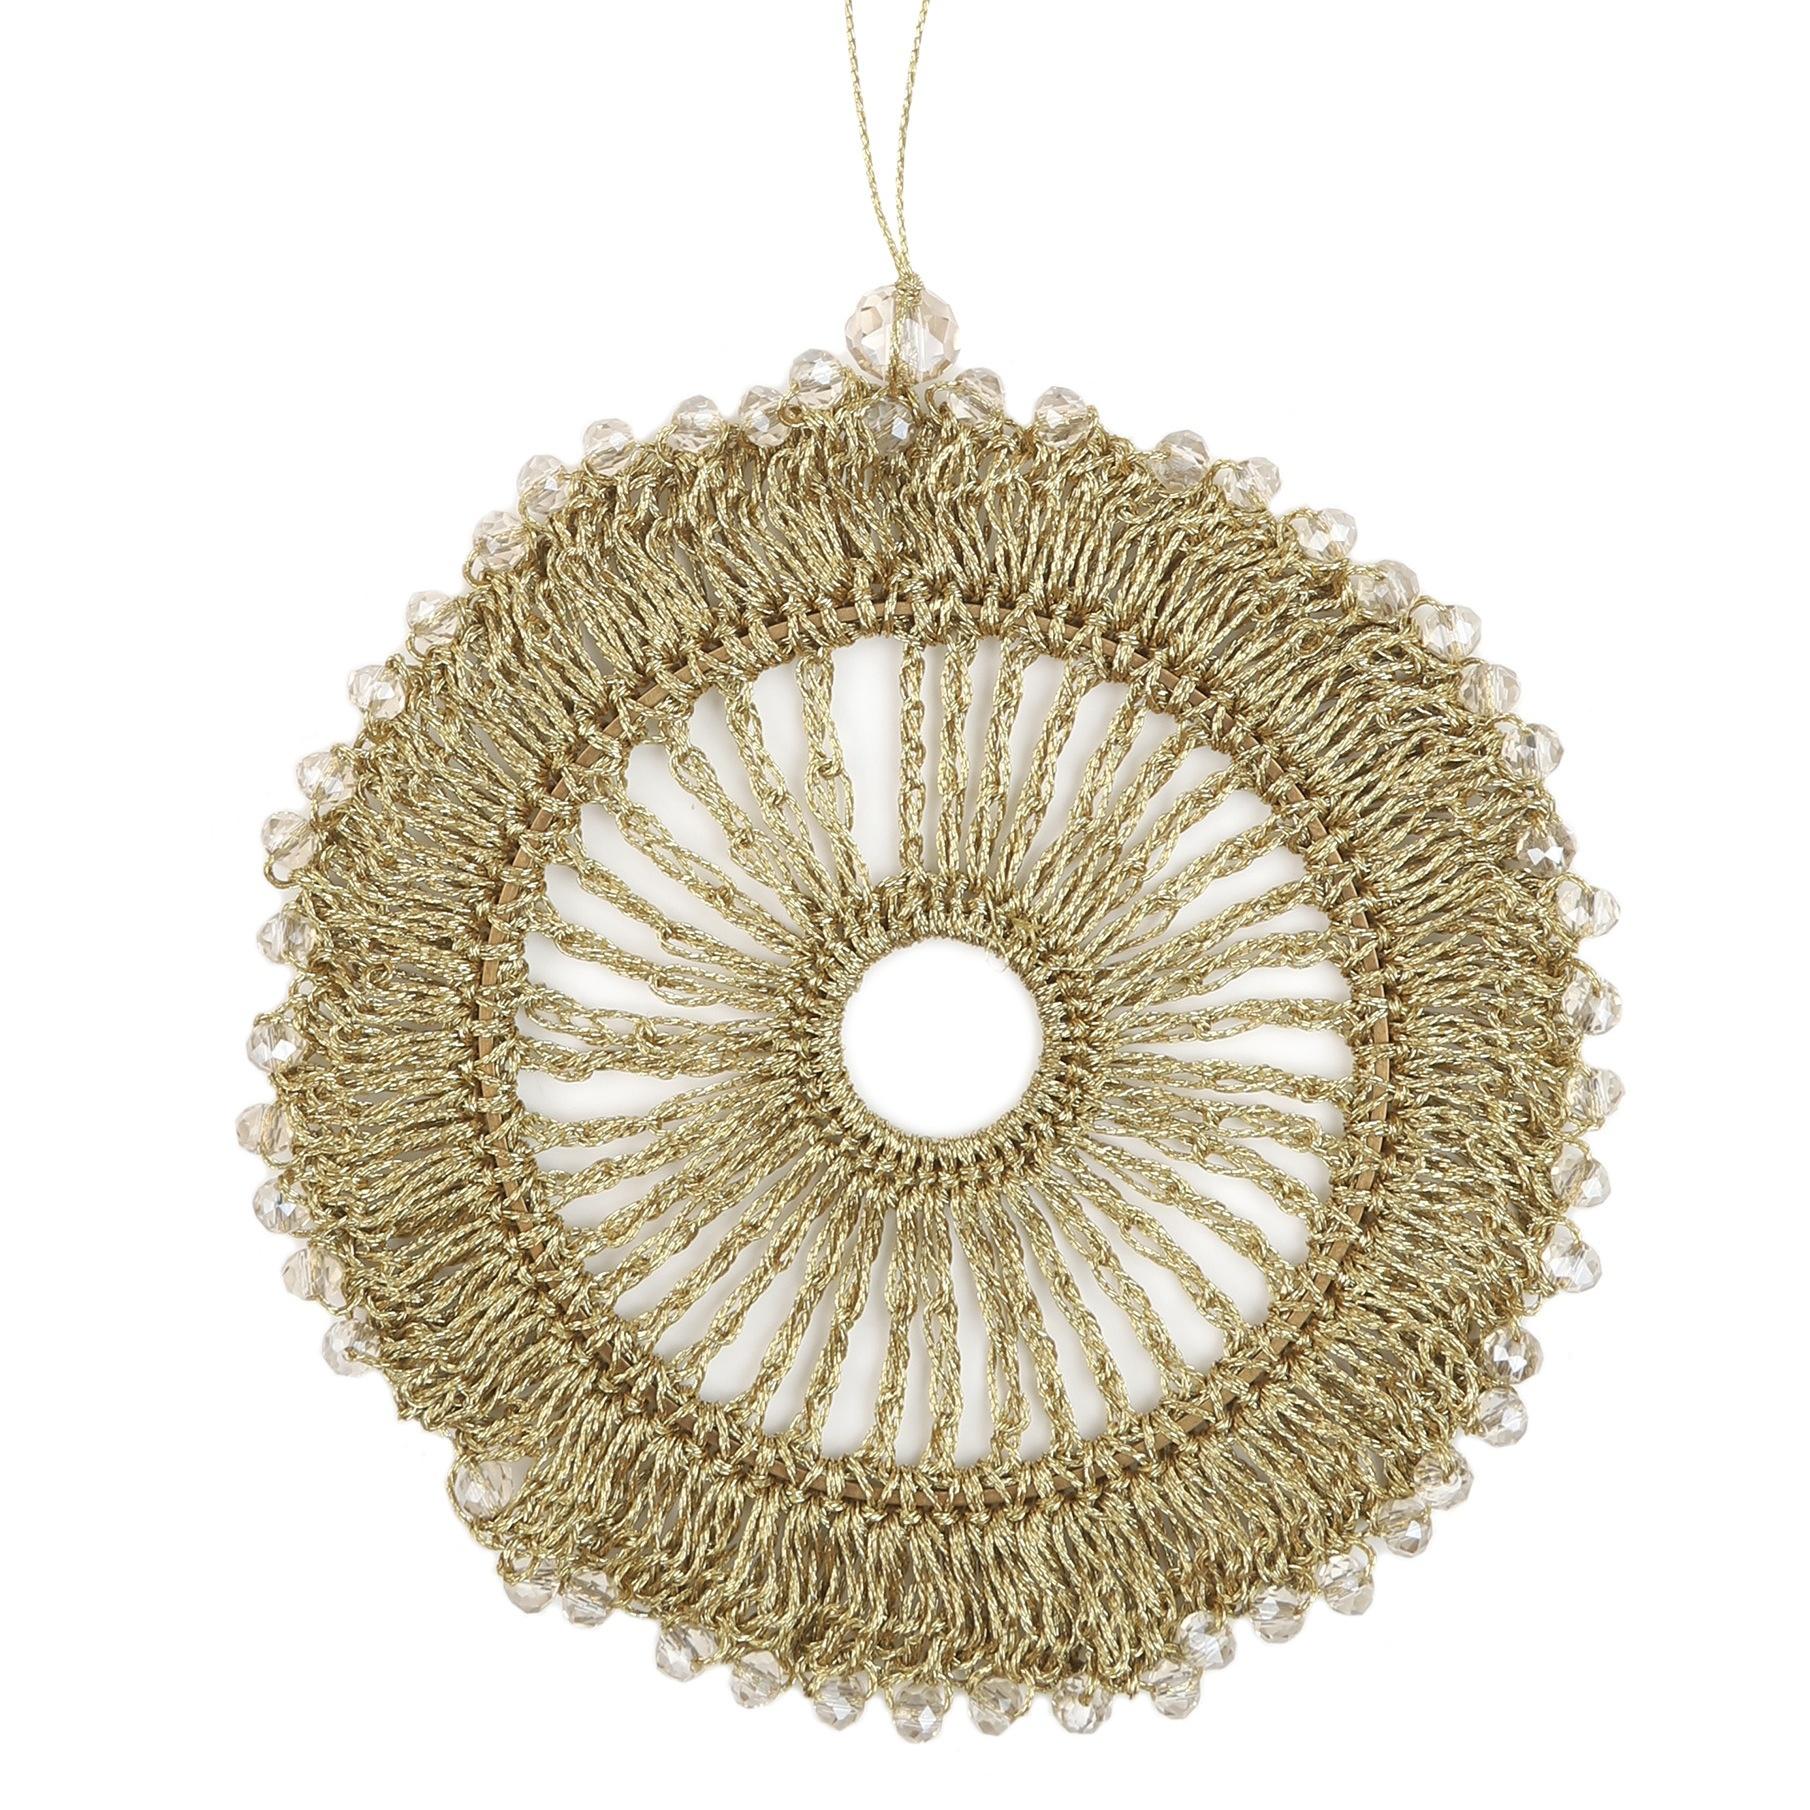 Bellizzi  deco hanger Handmade - Gold - Ø 9cm  - 6 stuks